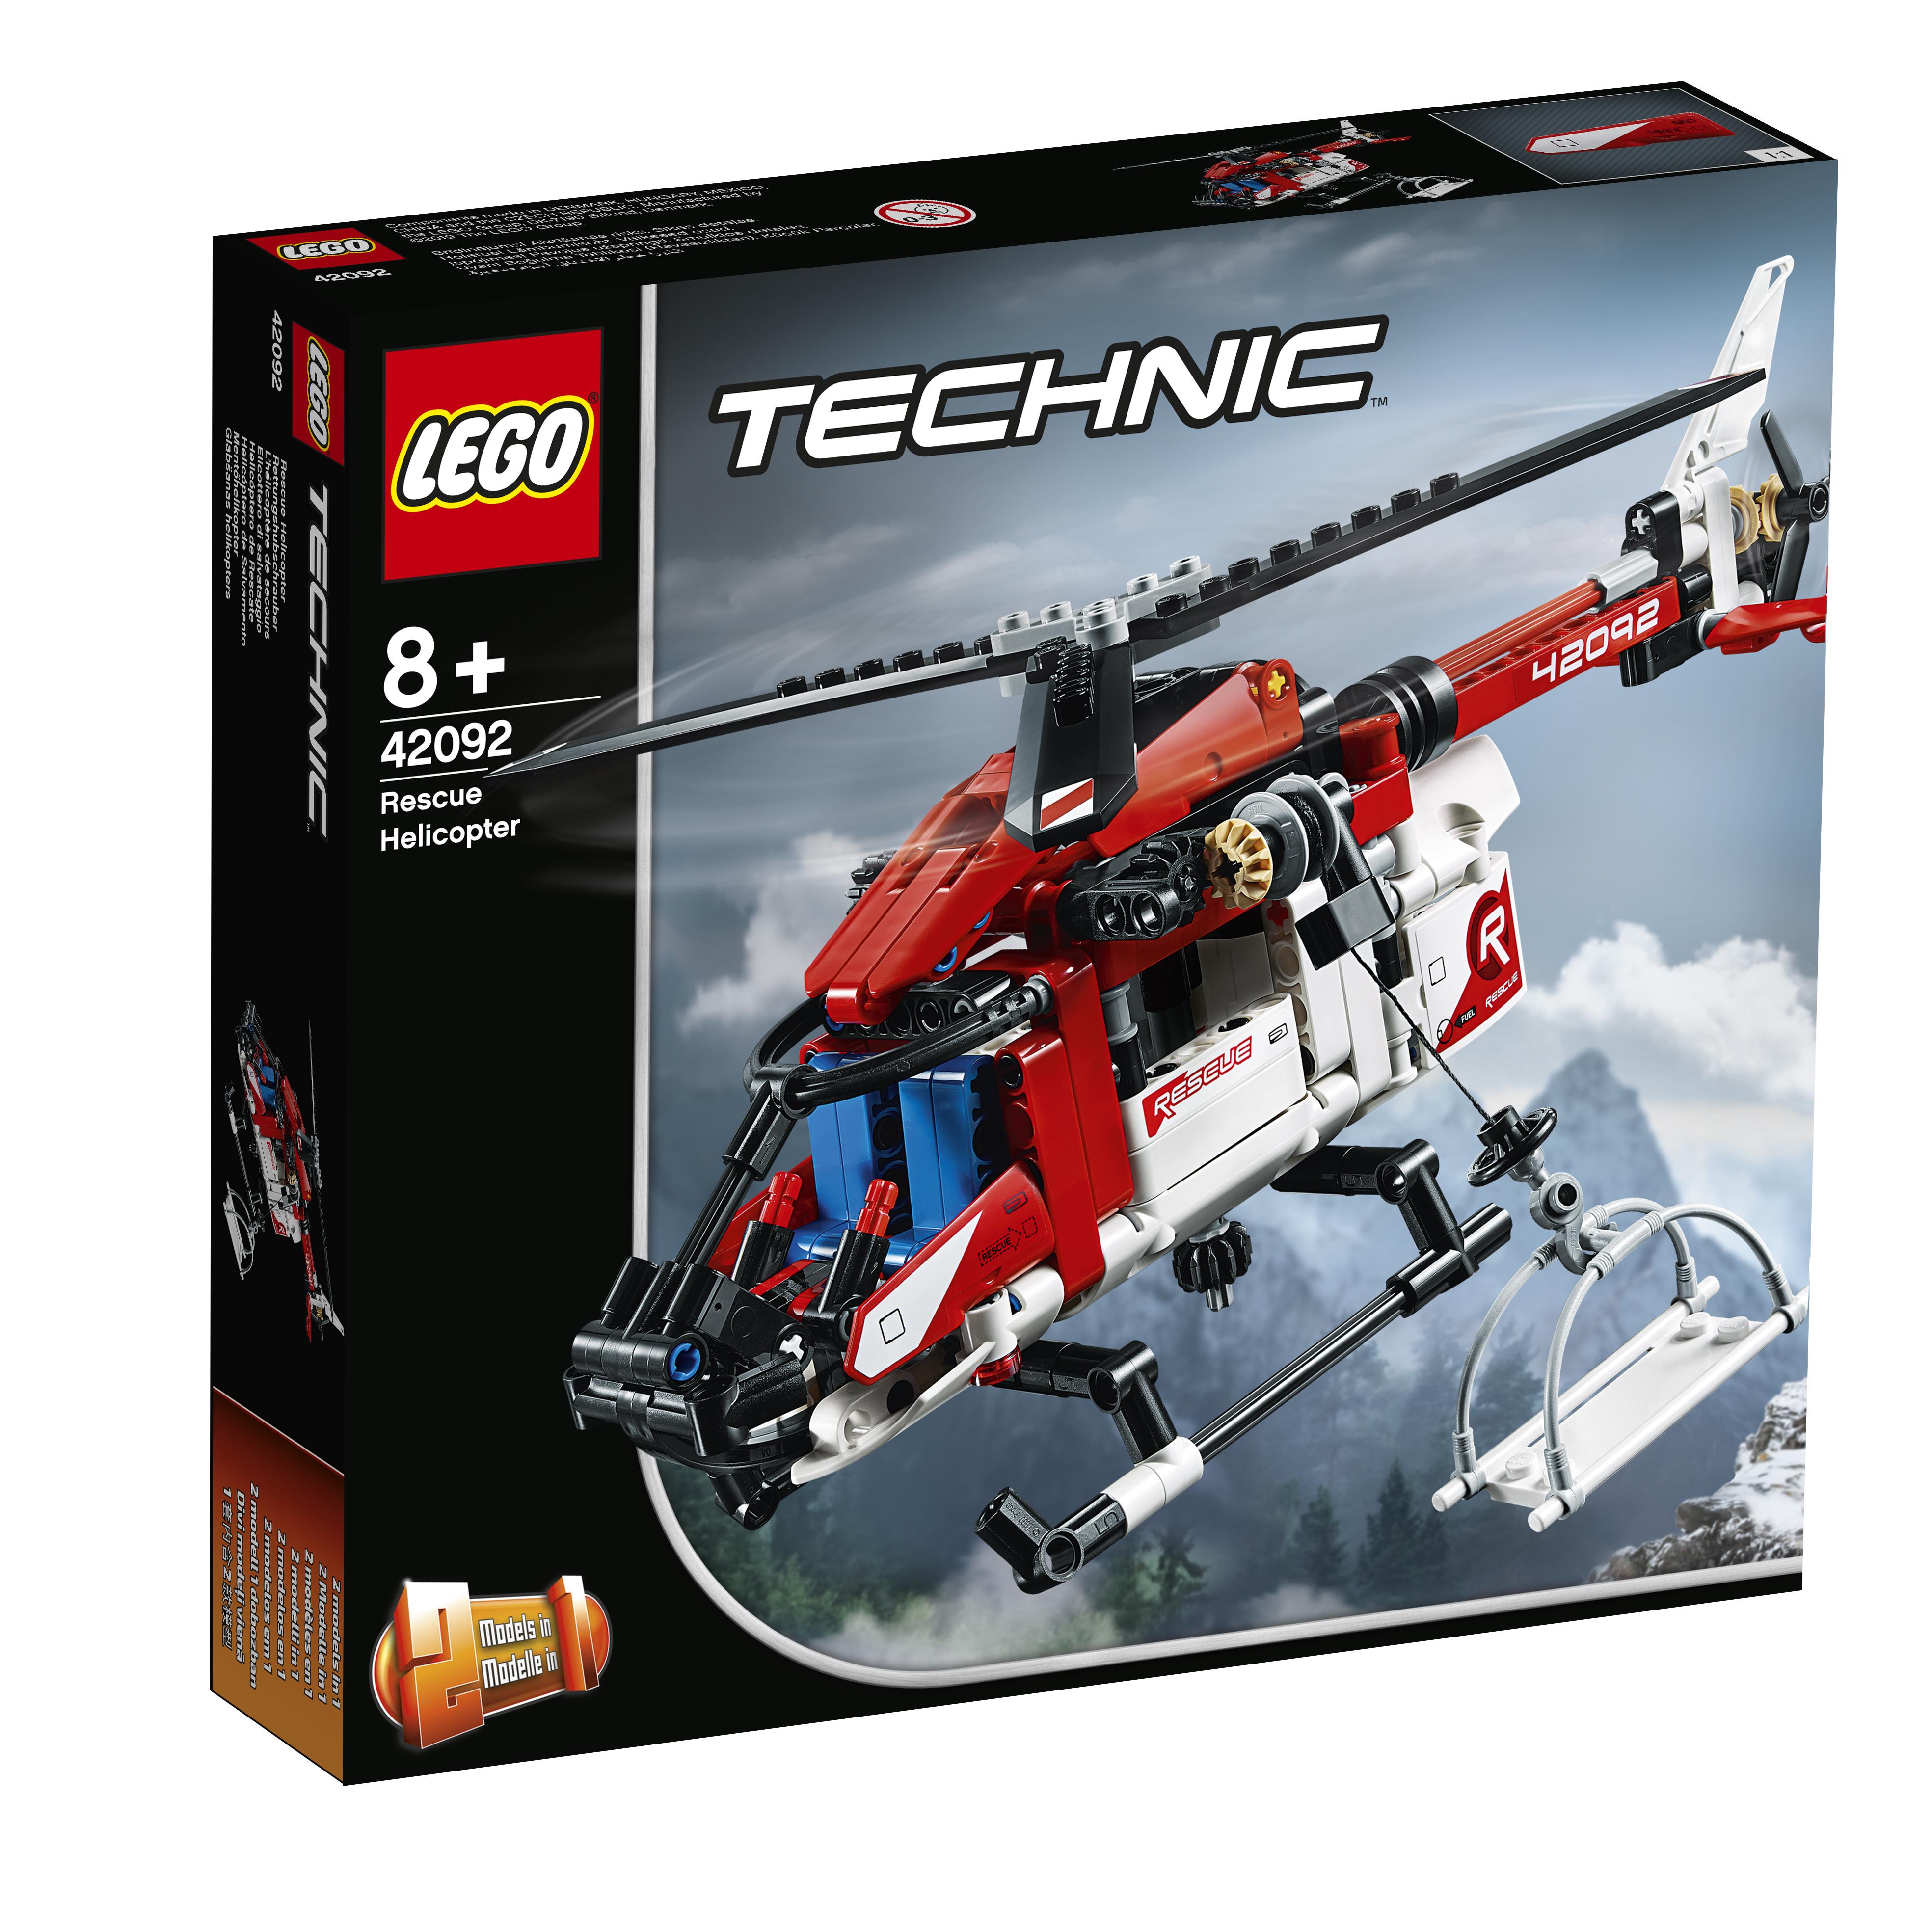 Конструктор LEGO Technic 42092 Спасательный вертолёт конструктор lego lego 42057 конструктор сверхлёгкий вертолёт